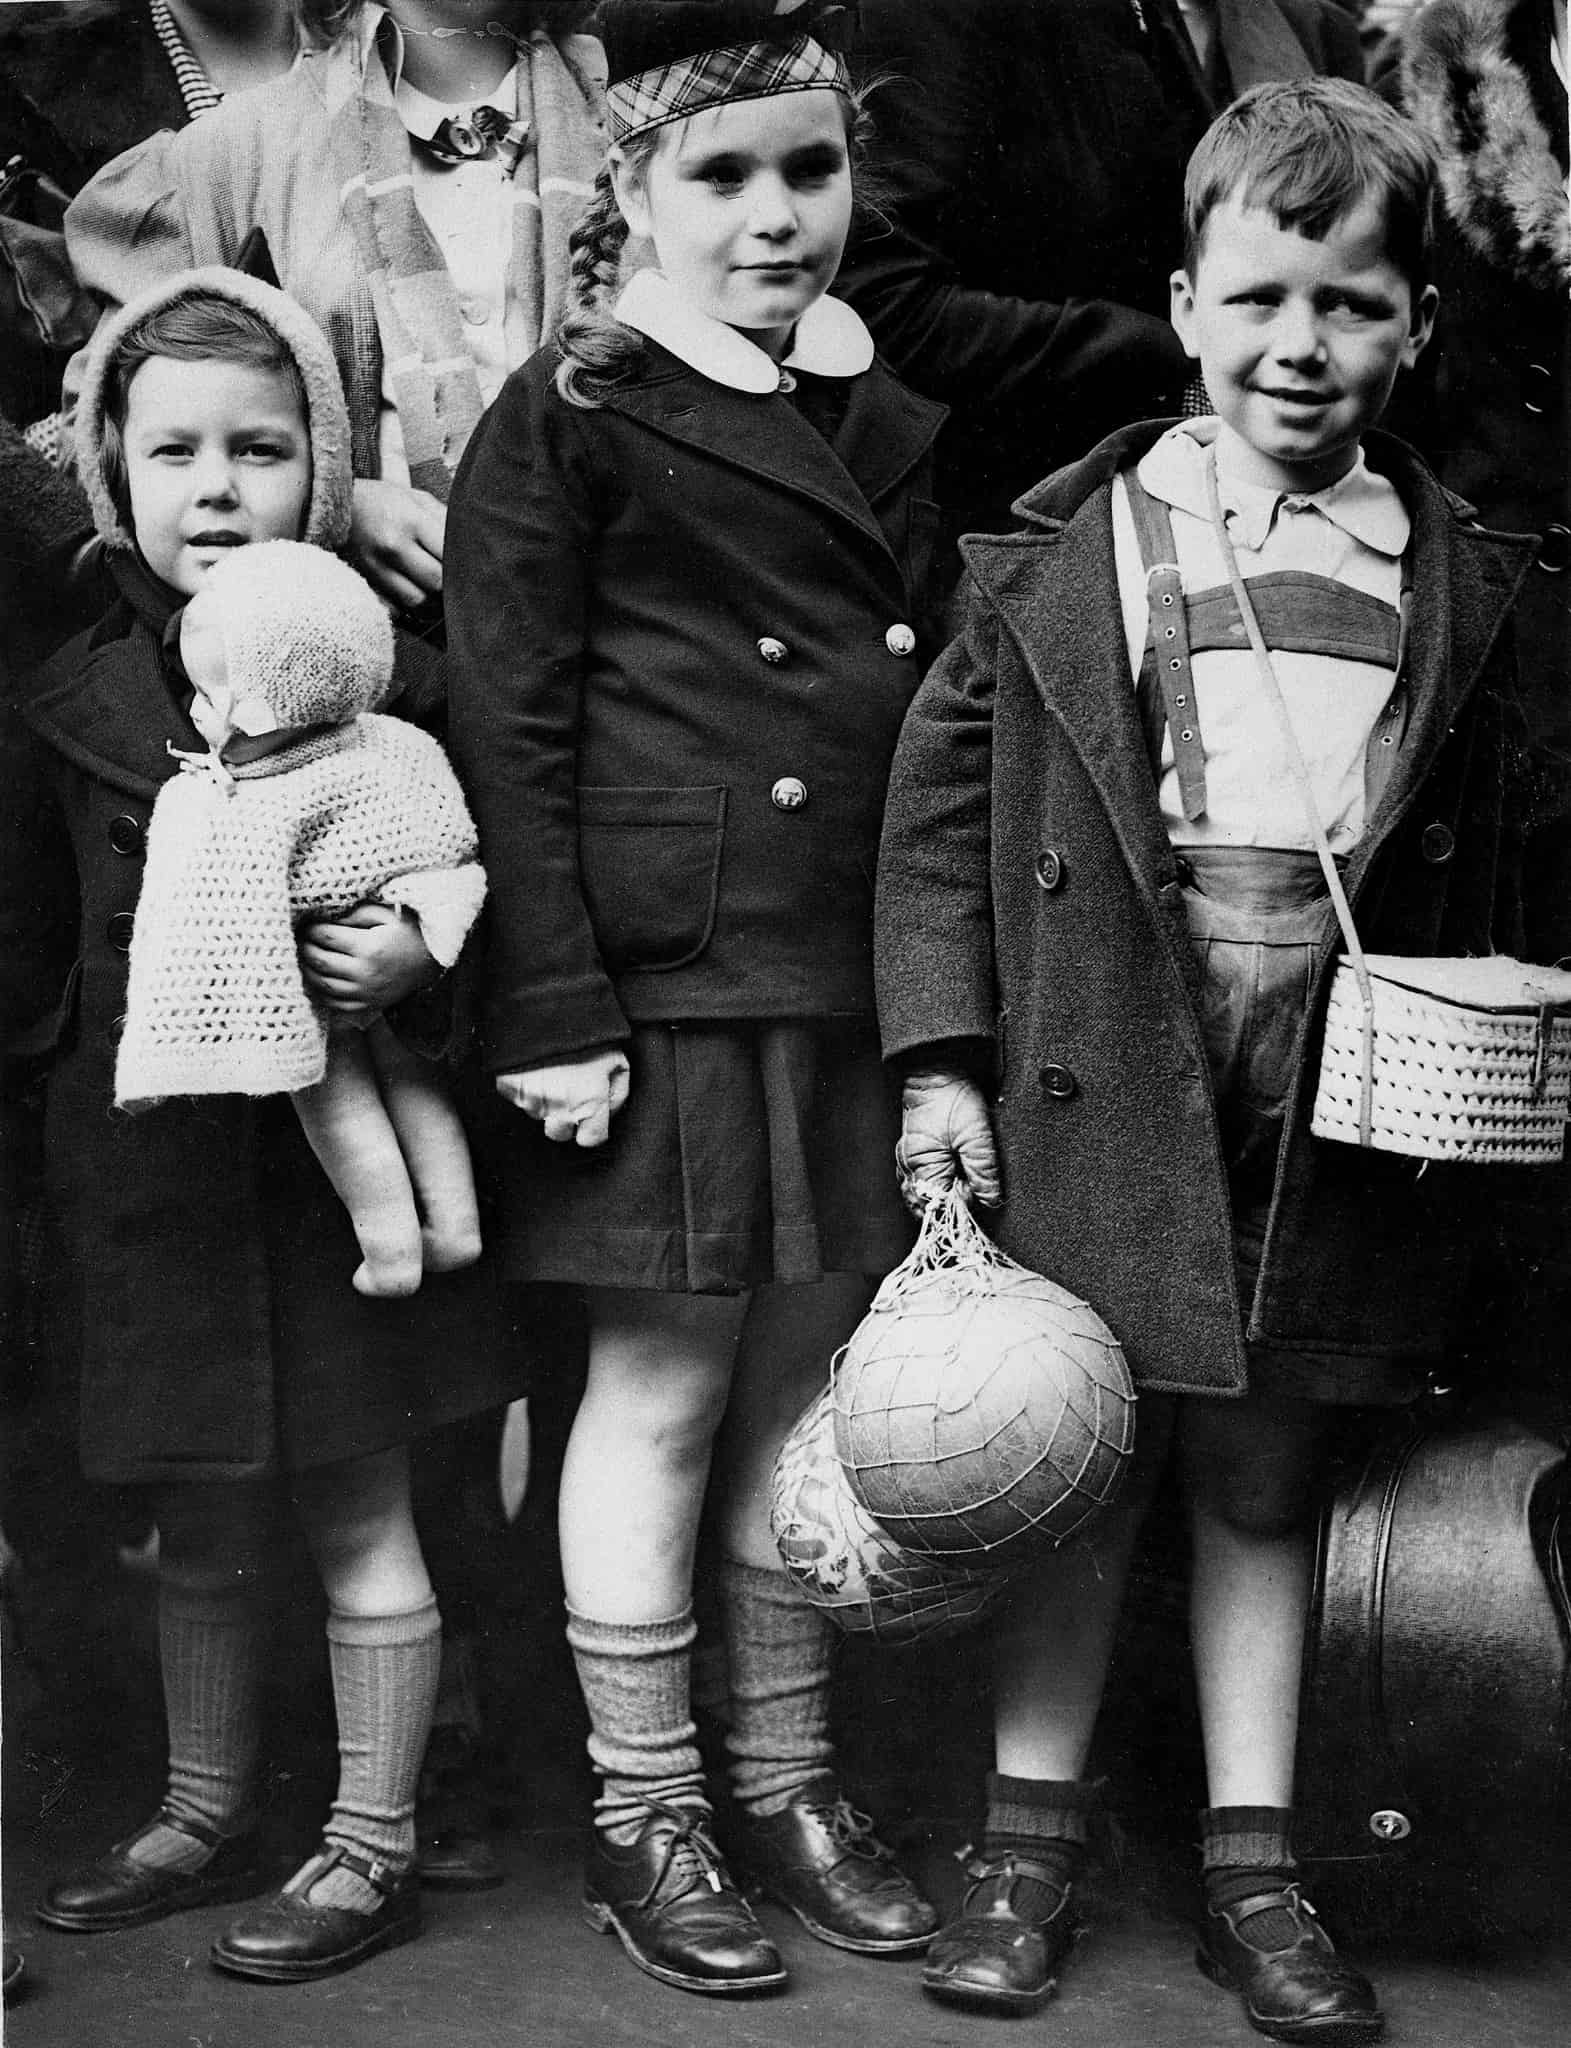 פליטים הולנדיים בלונדון, 1940 (צילום: AP Photo)